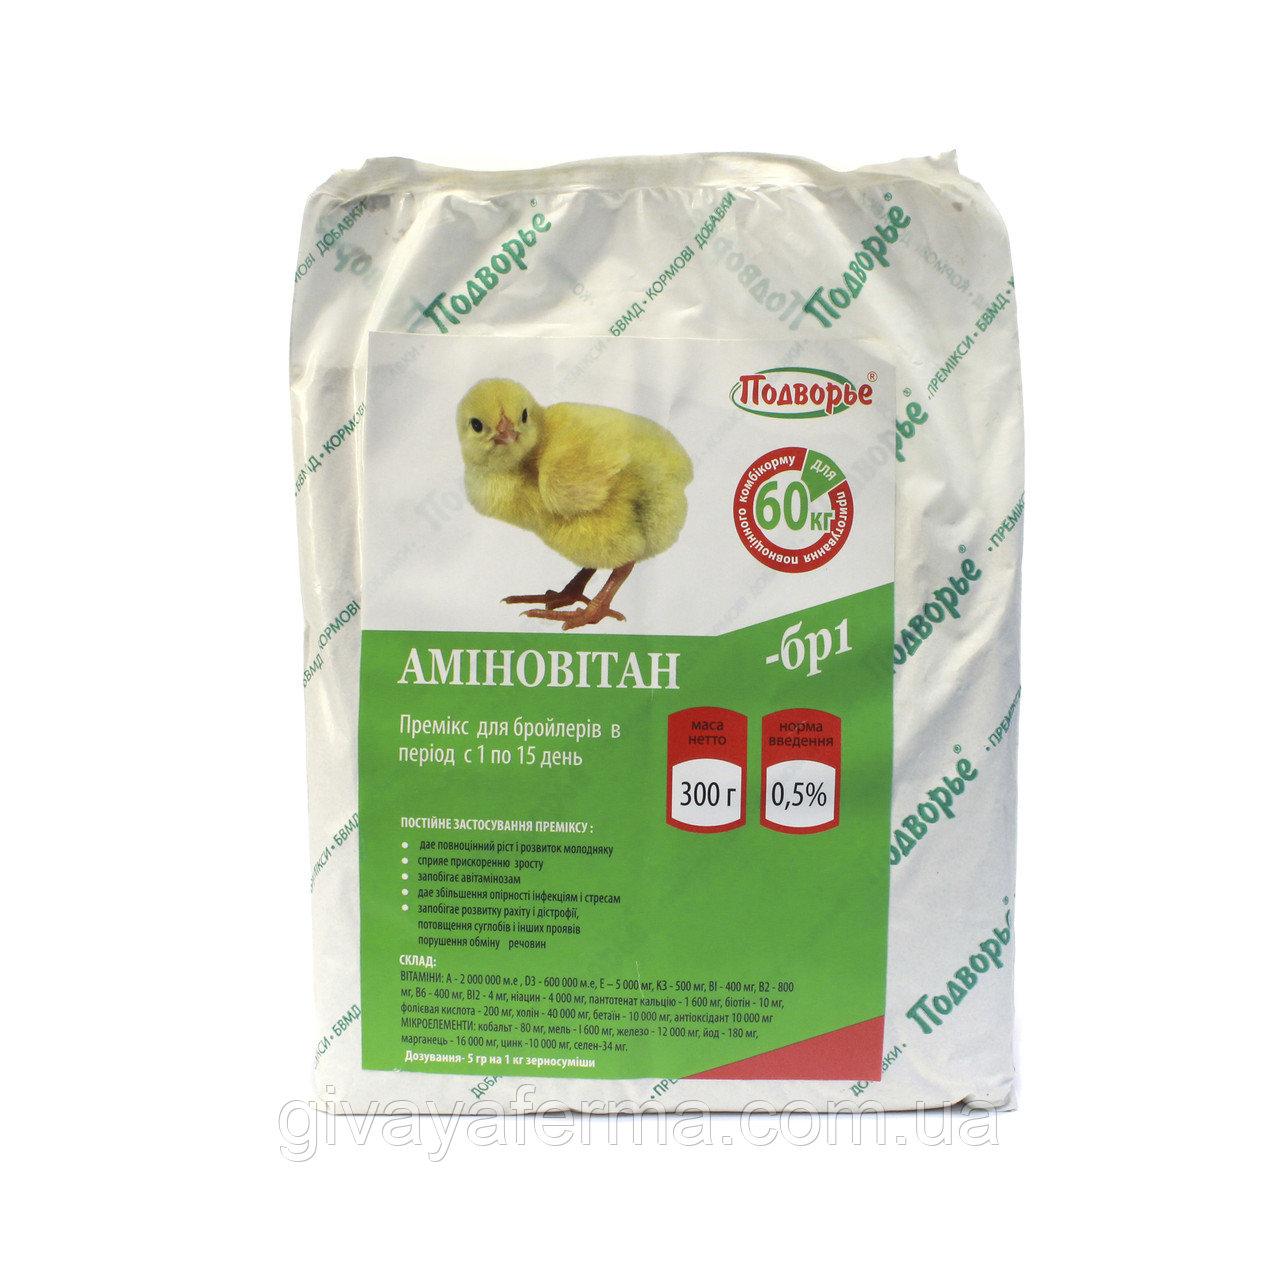 Витамины для бройлеров и цыплят: какие и как давать в домашних условиях, дозировка